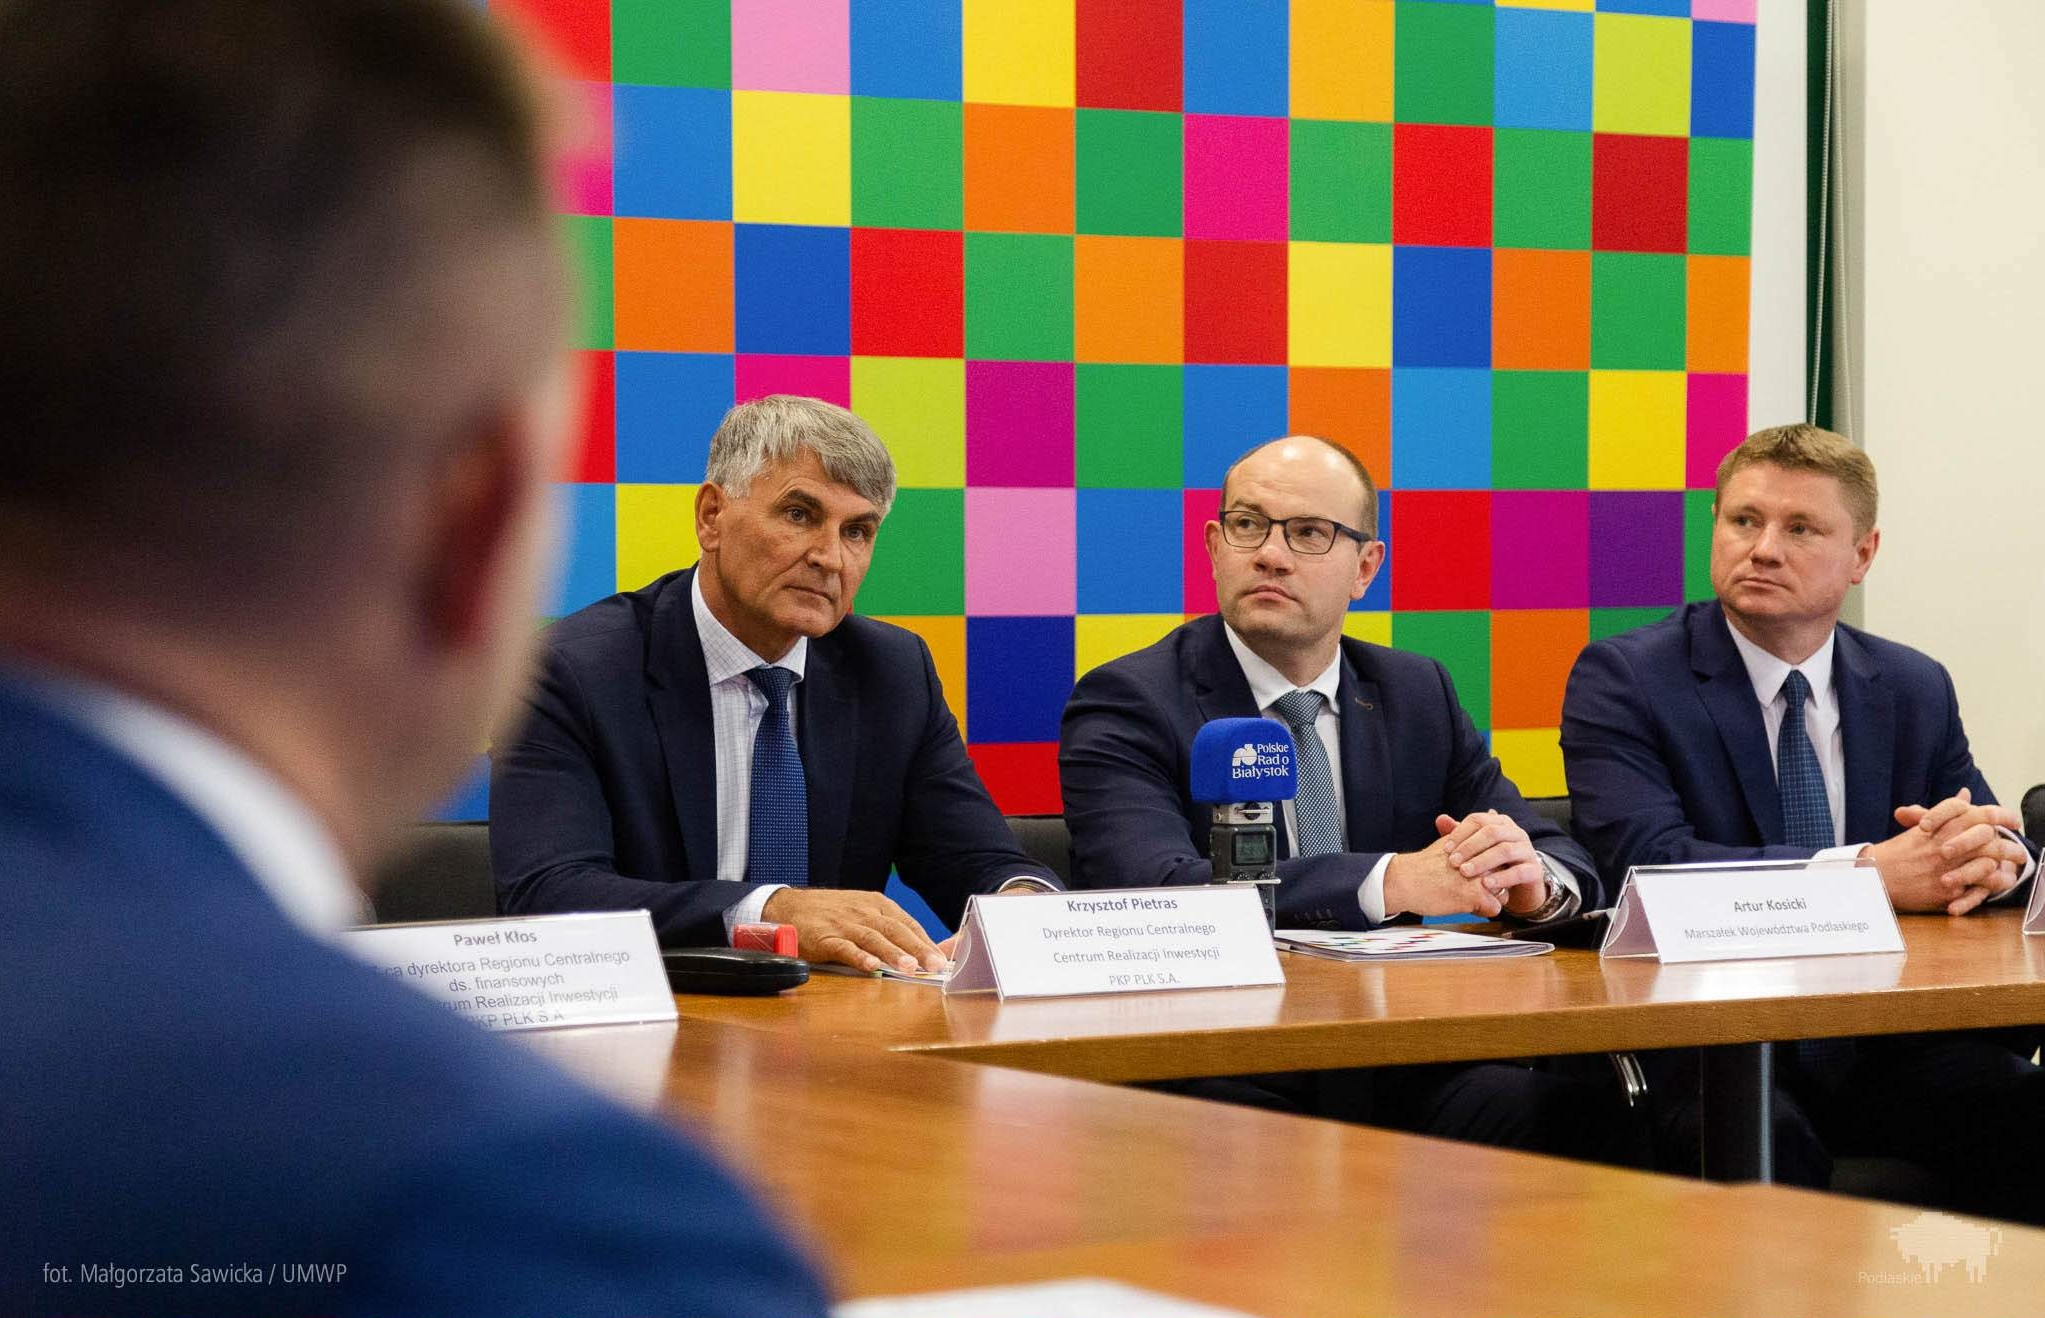 Podpisana umowa zwiększa dofinansowanie inwestycji o 90 mln zł (fot. Małgorzata Sawicka/UMWP)